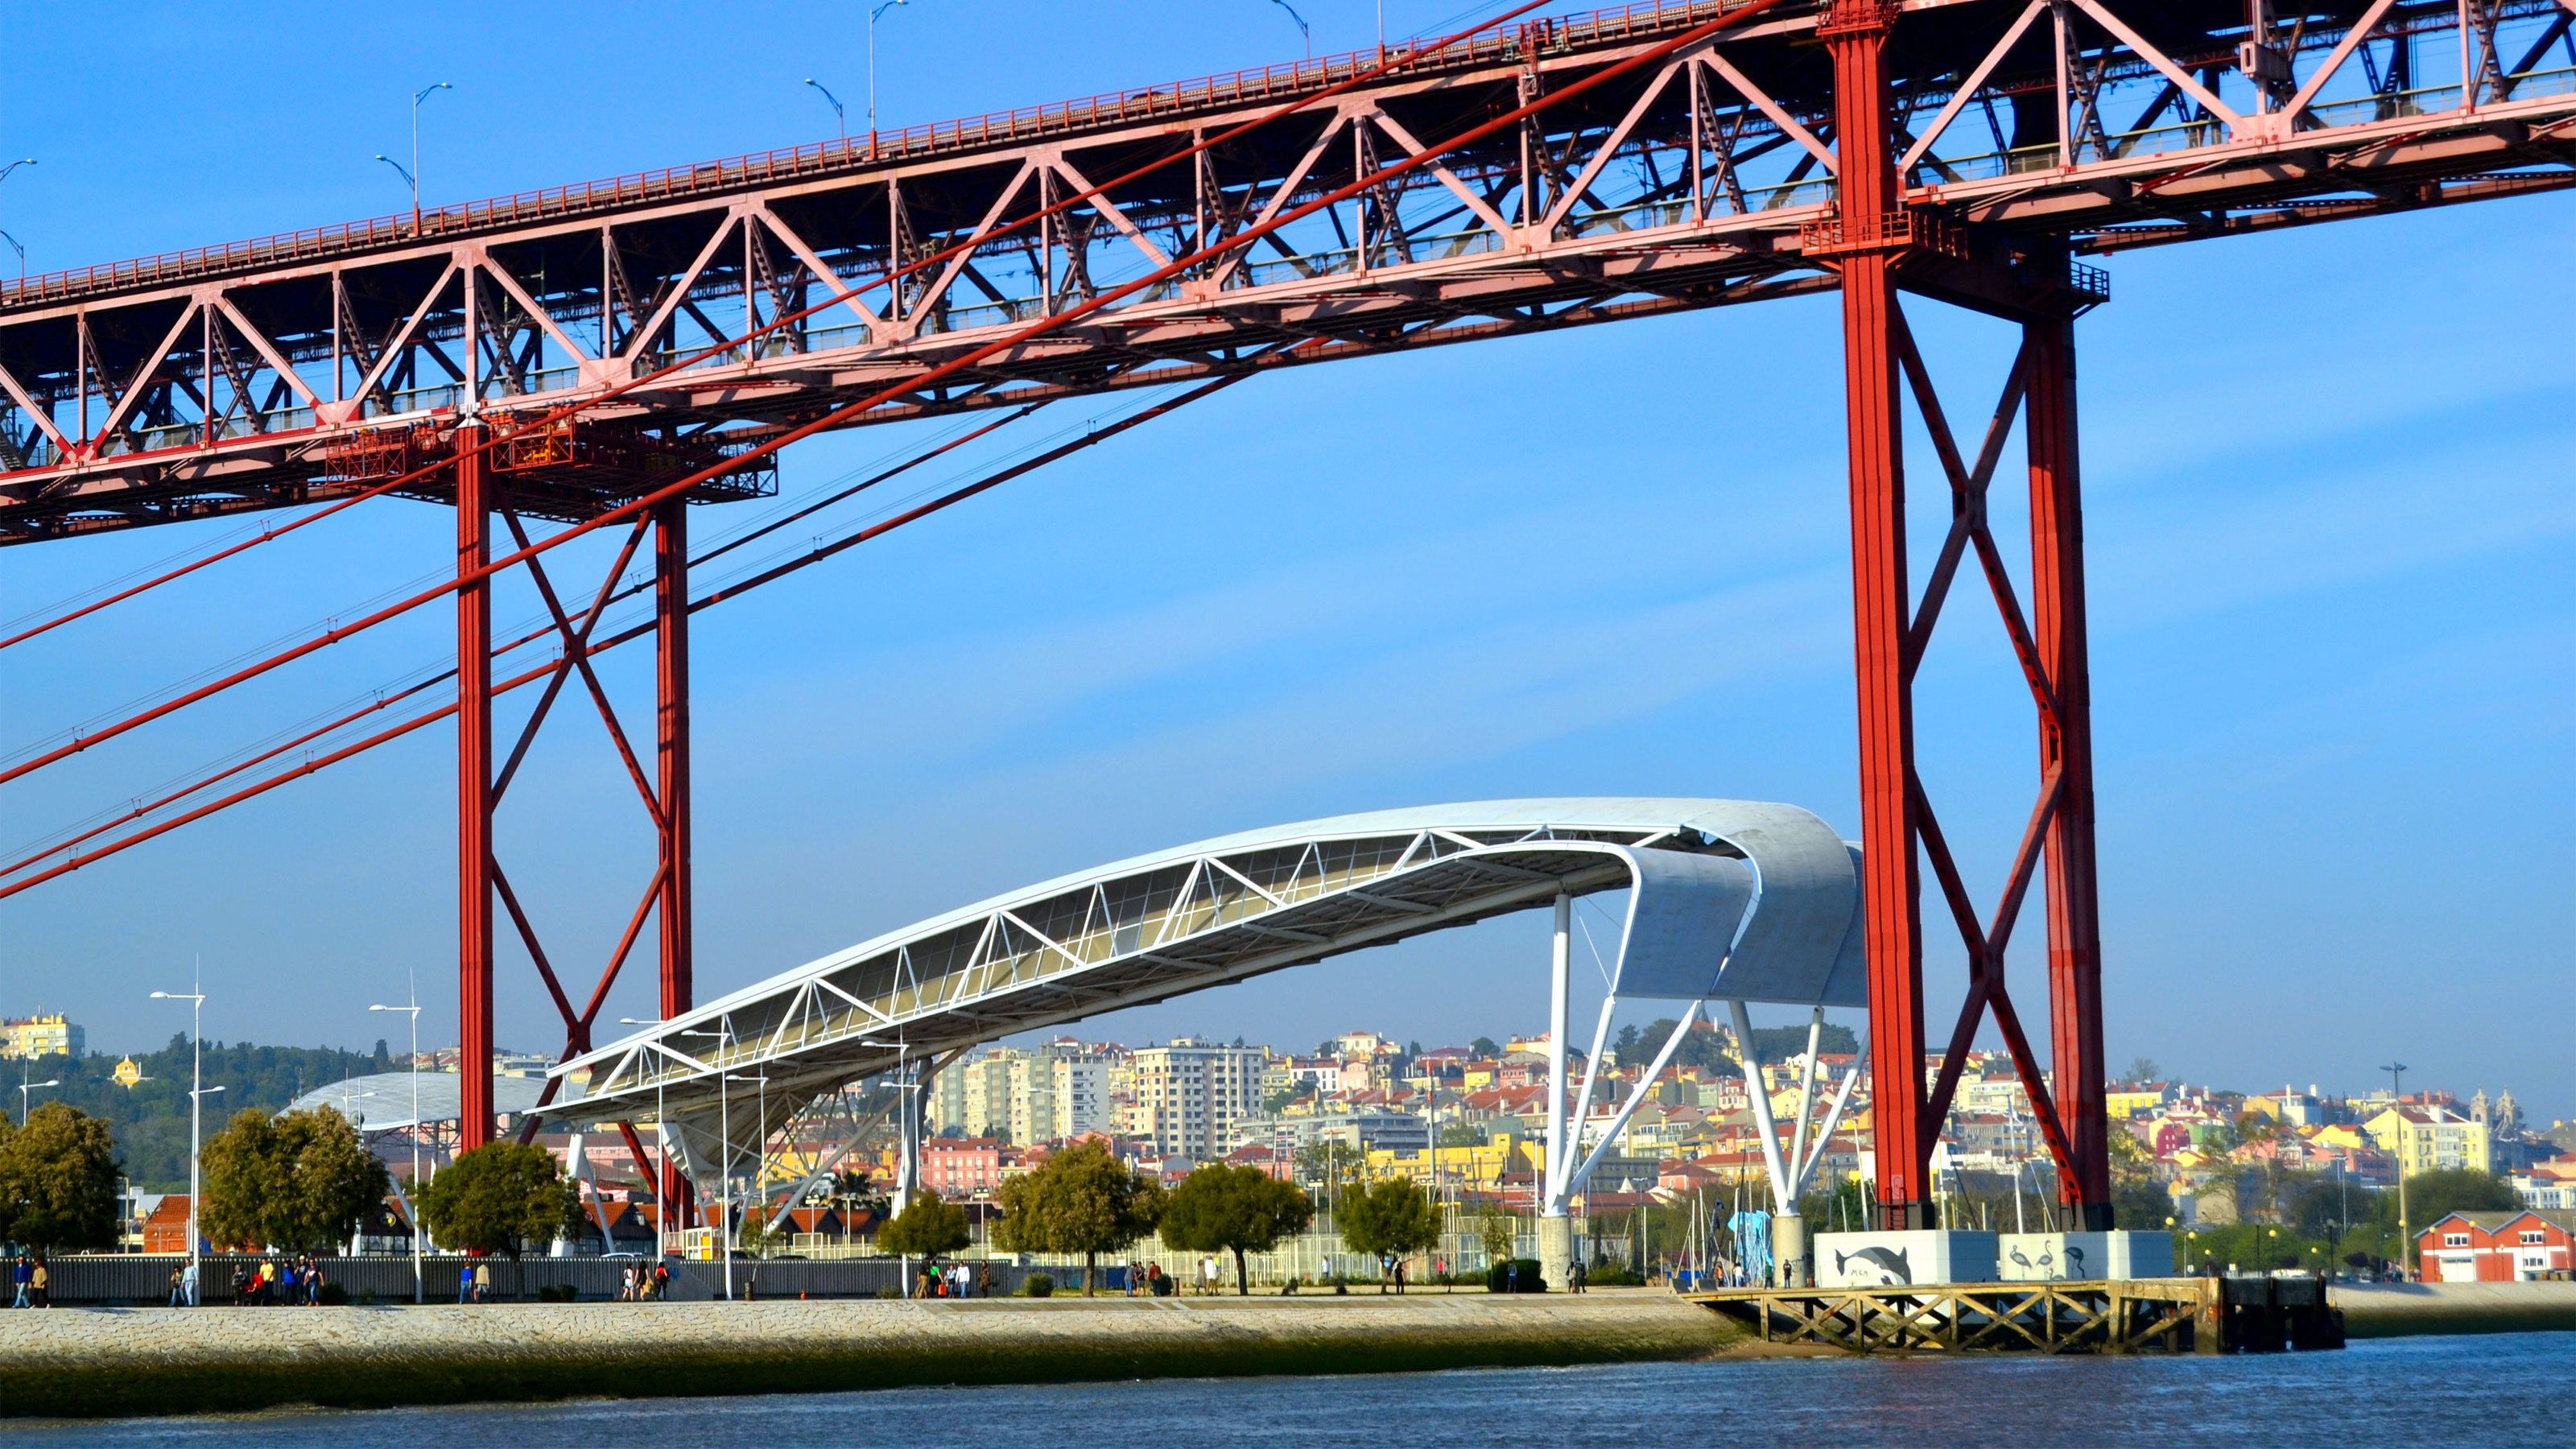 Under the 25 de Abril Bridge in Lisbon